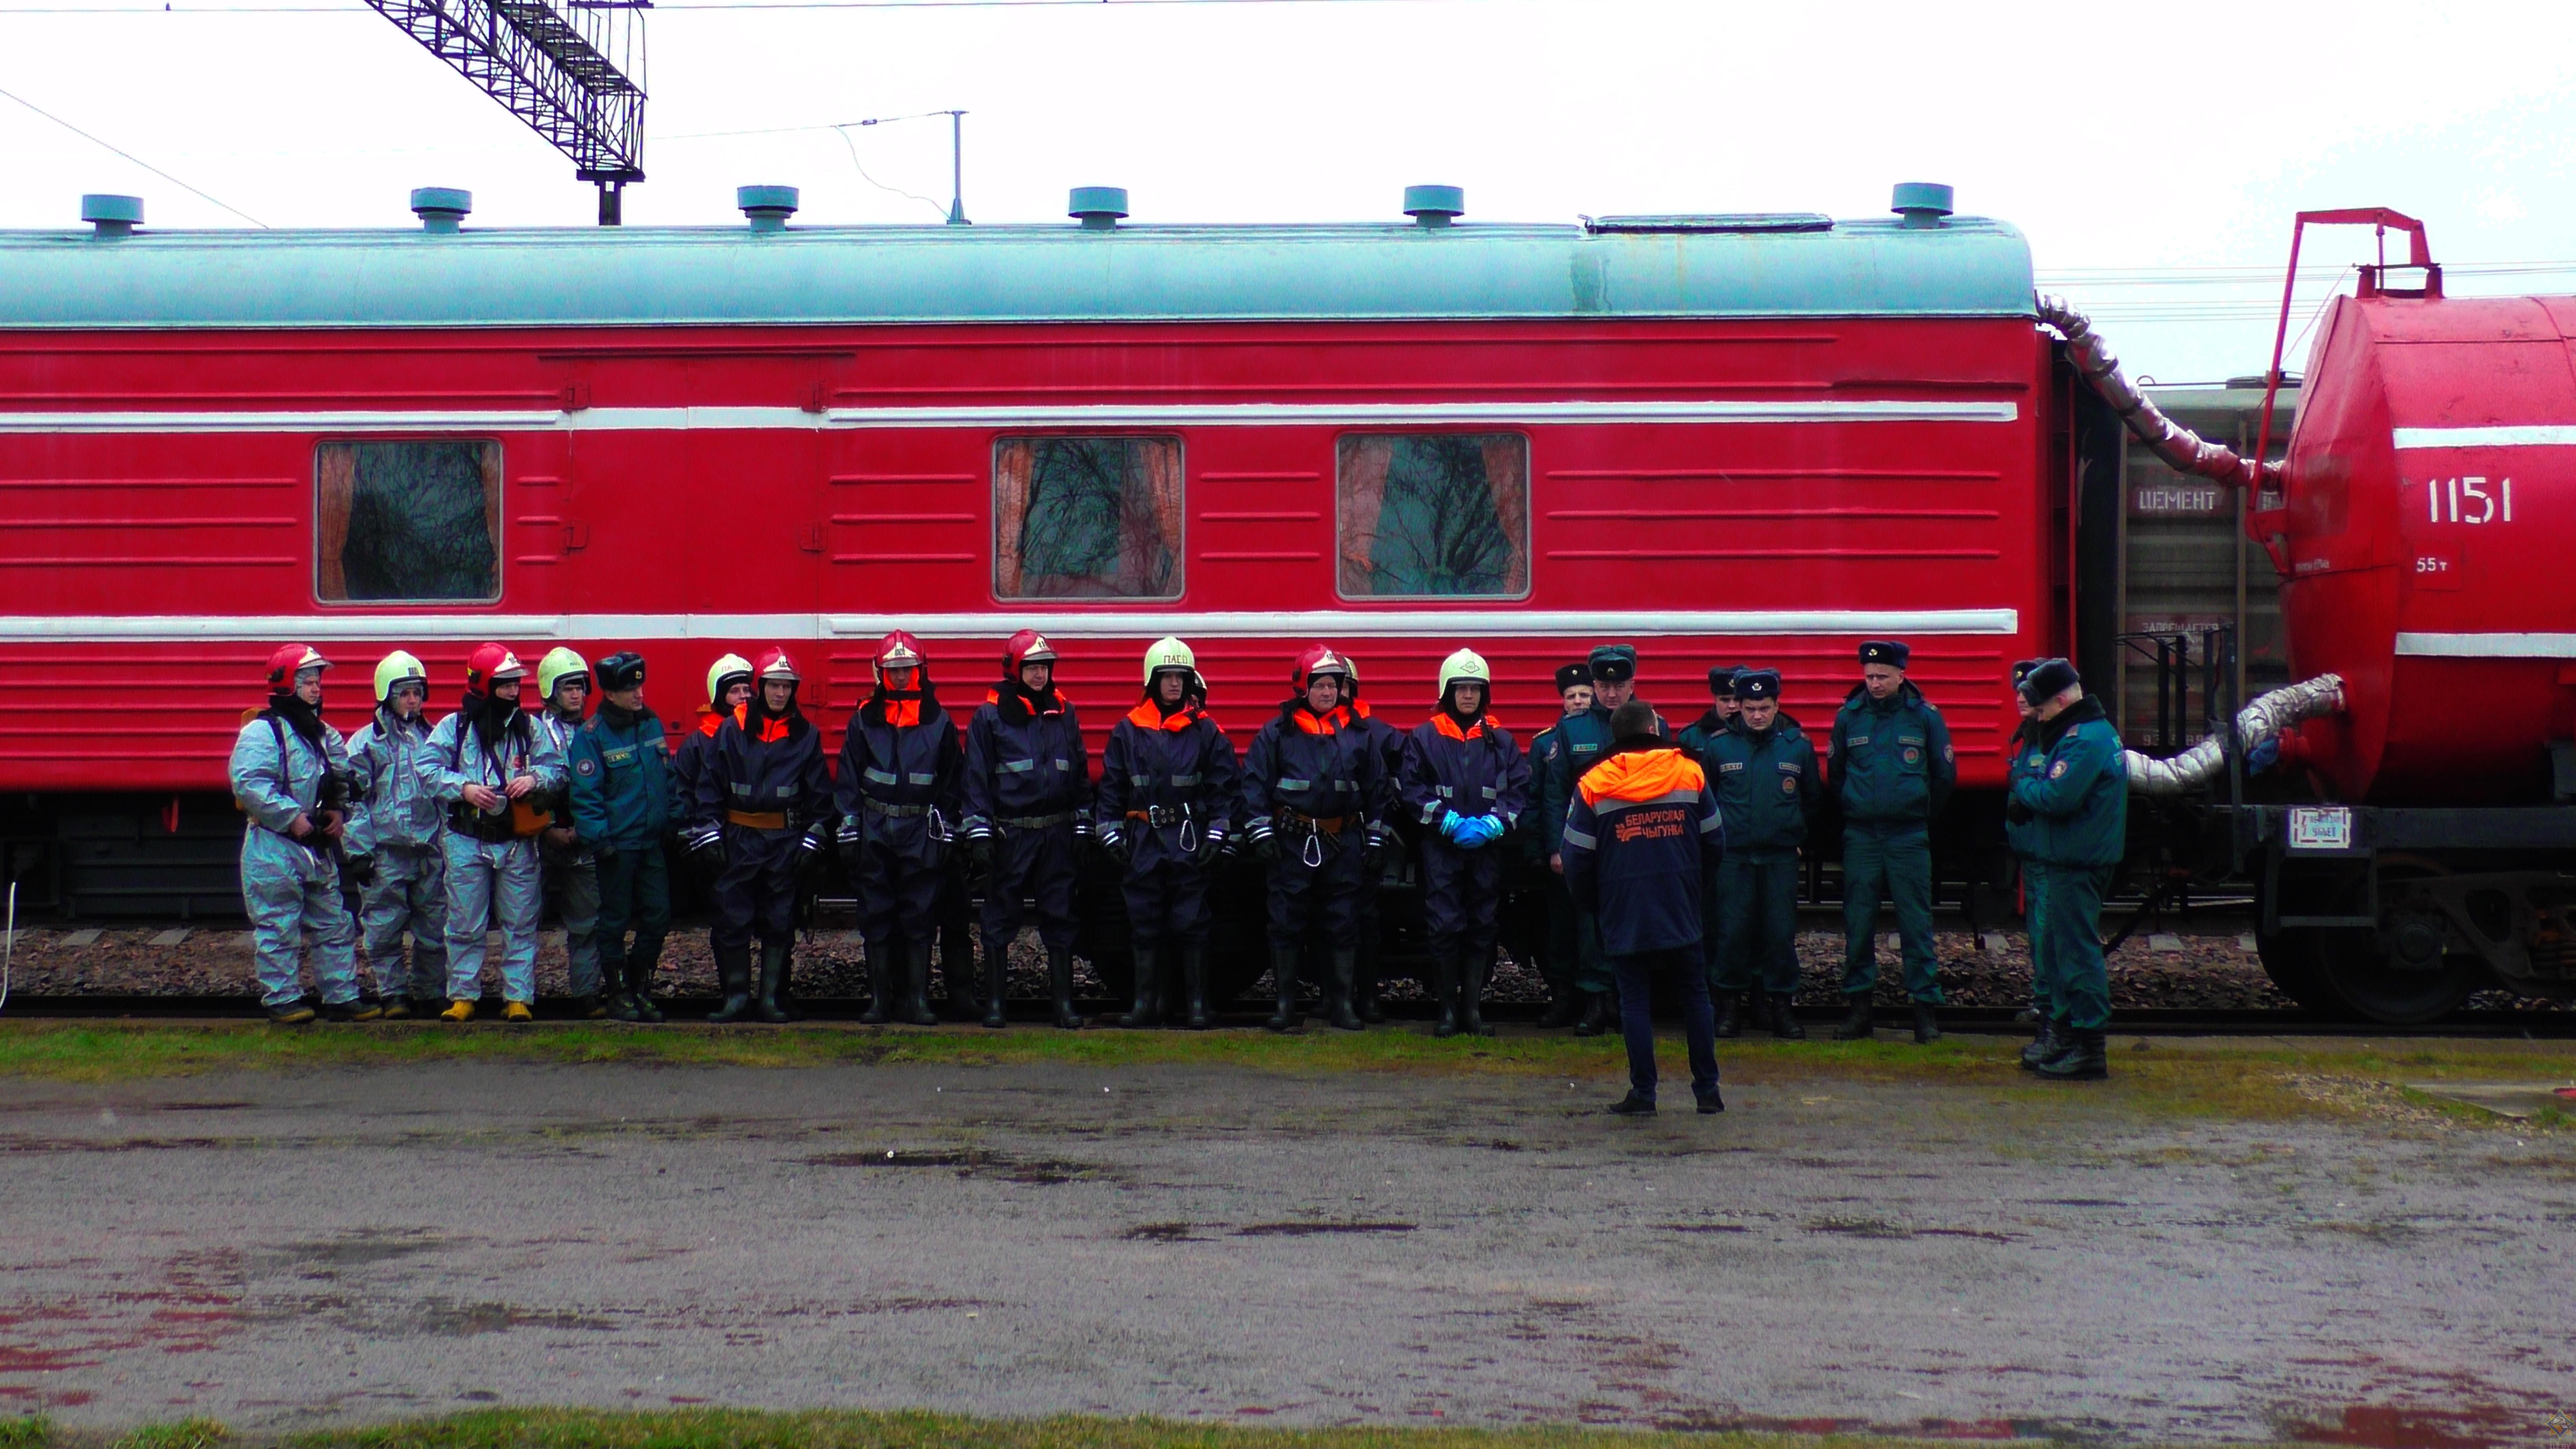 все пожарный поезд г уссурийск фото одной голов